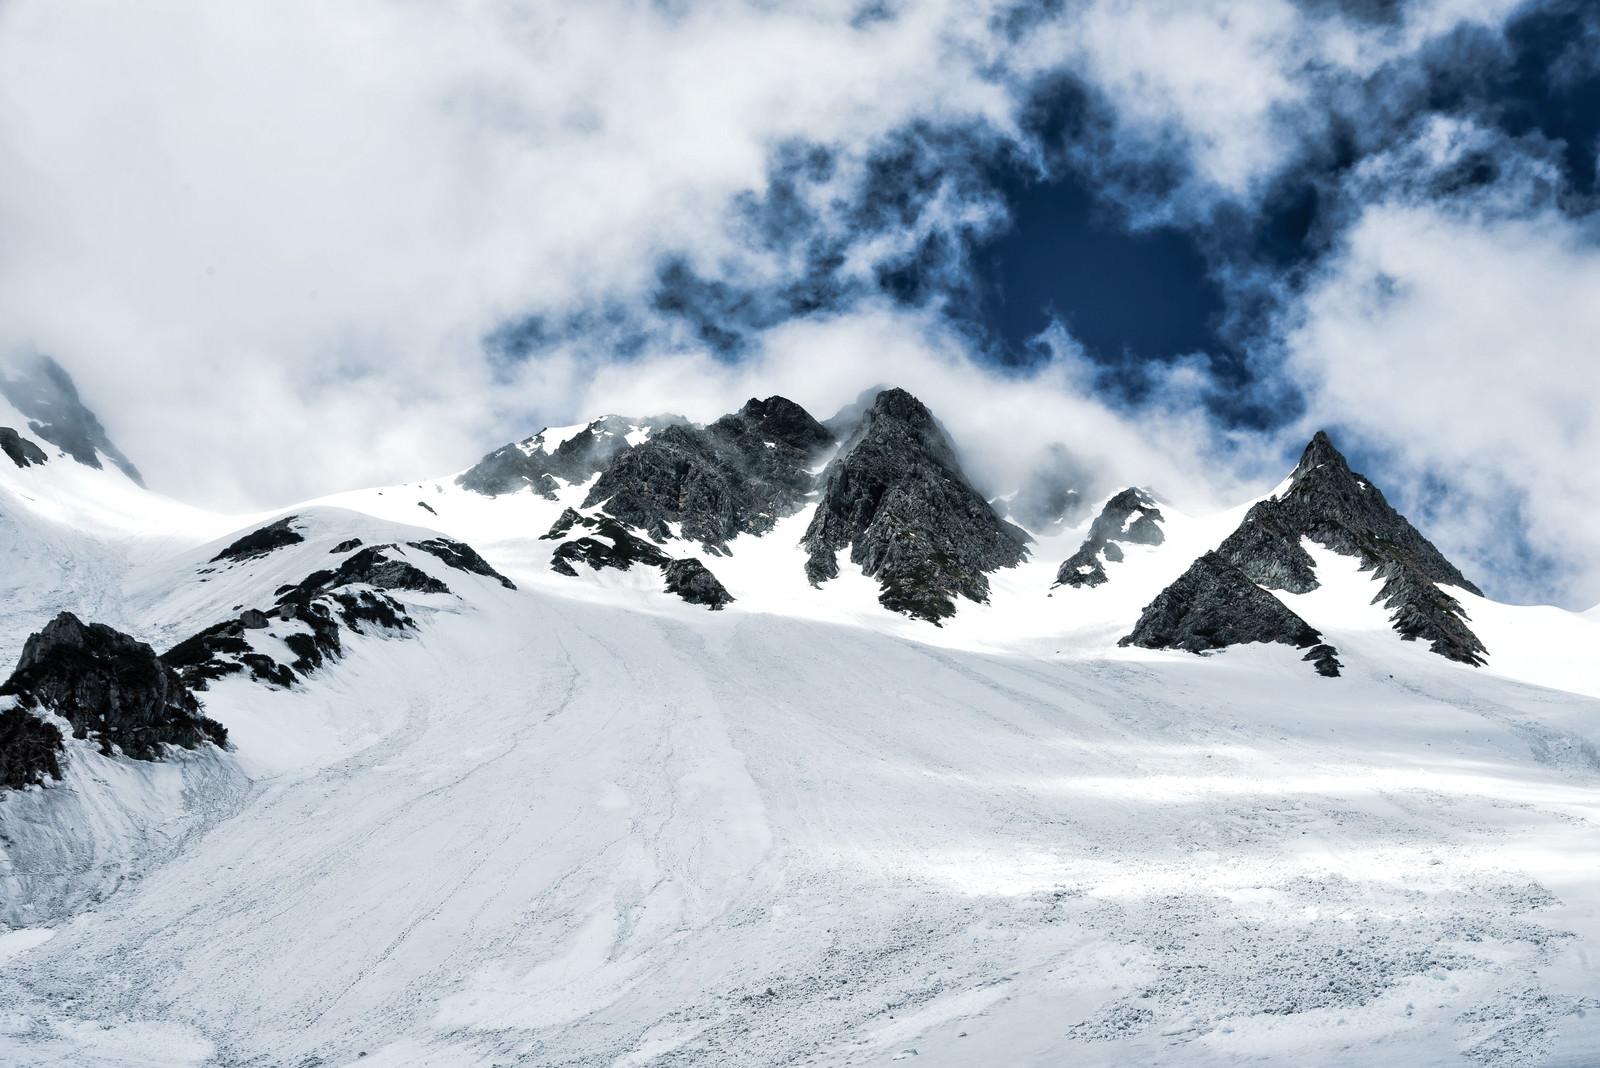 「低い雲に覆われた涸沢岳(北アルプス)」の写真